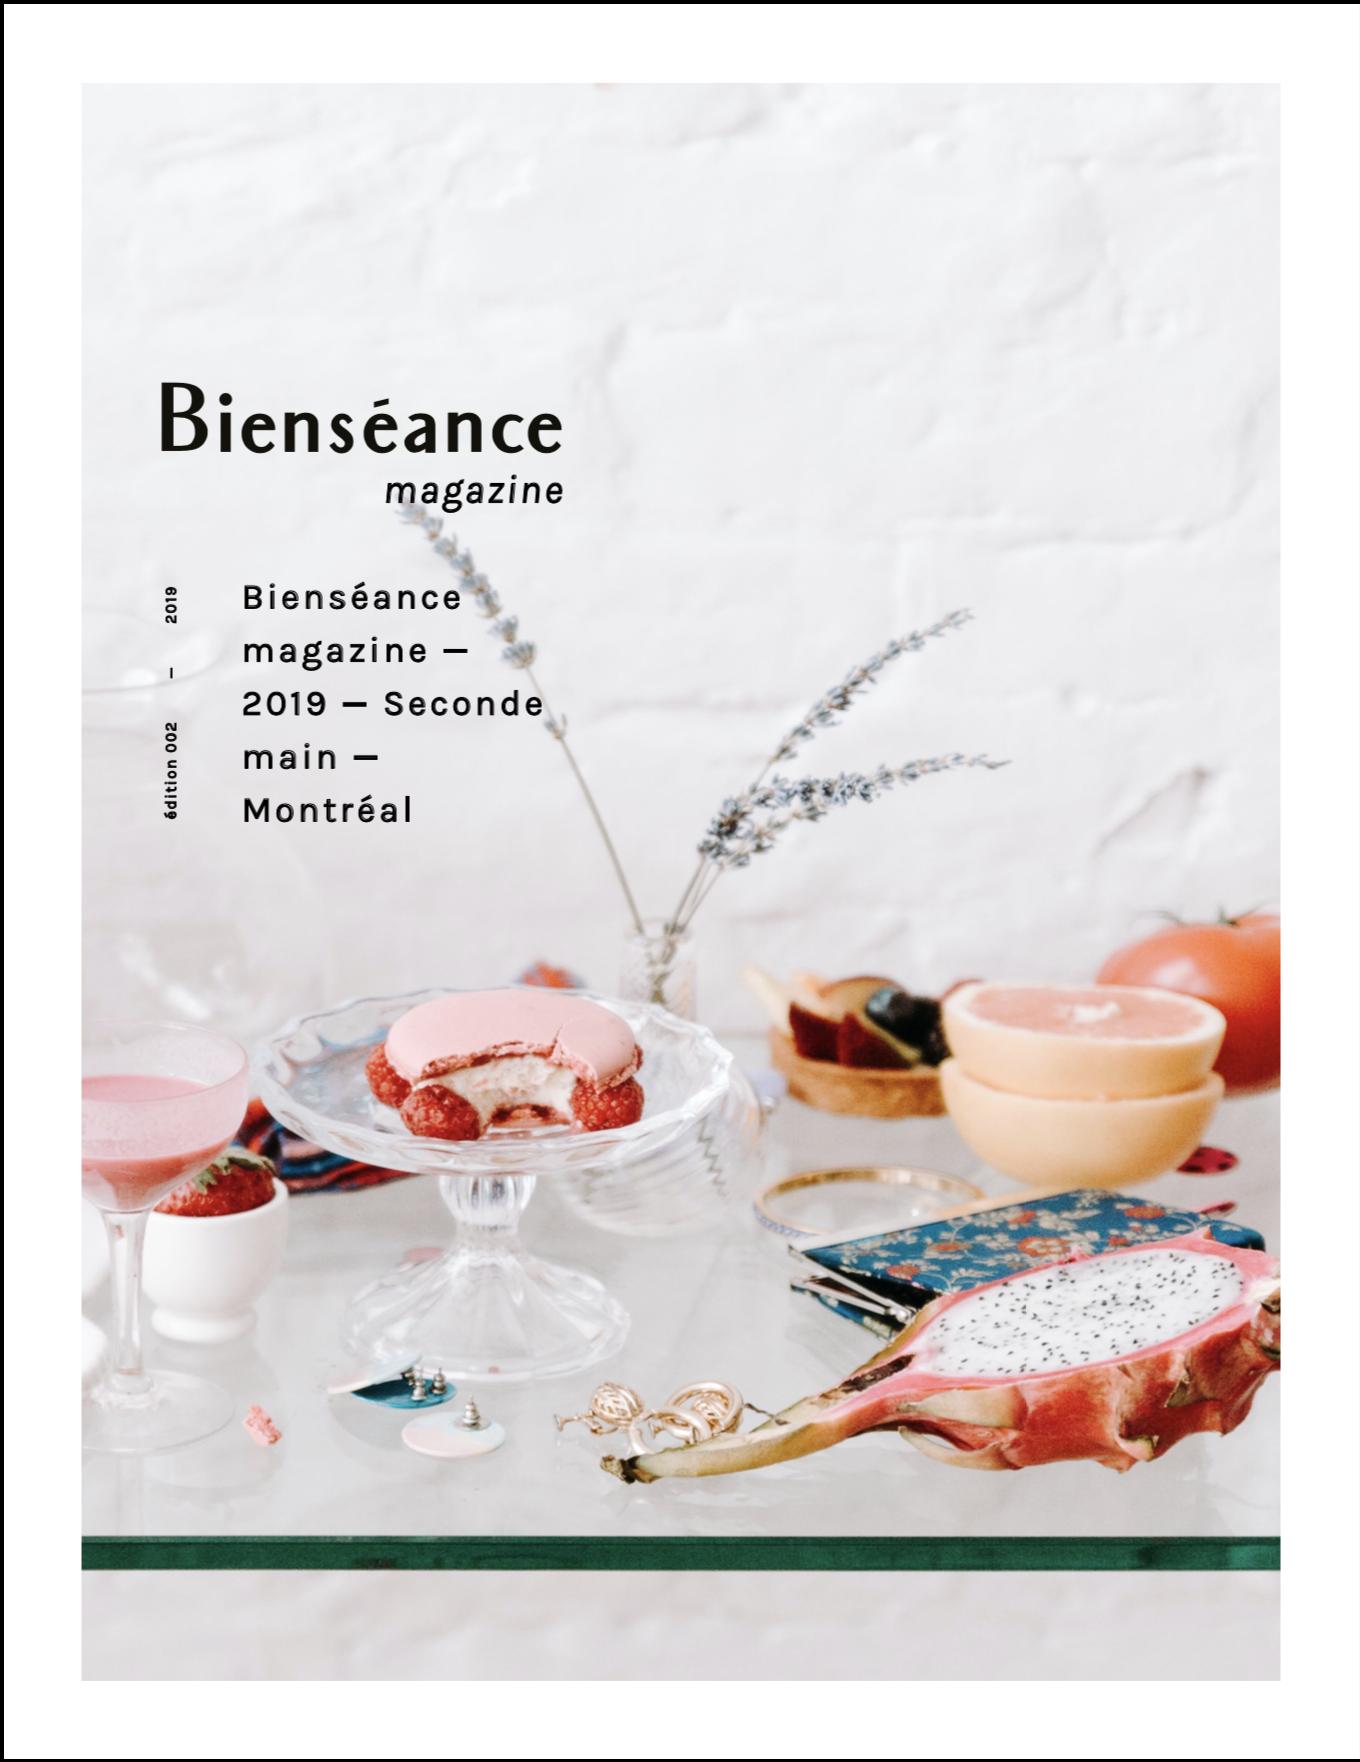 Bienséance Magazine édition 002 - Le deuxième numéro est disponible en pré-vente et sera lancé le 17 juillet 2019. Rejoignez nous à l'événement de lancement!